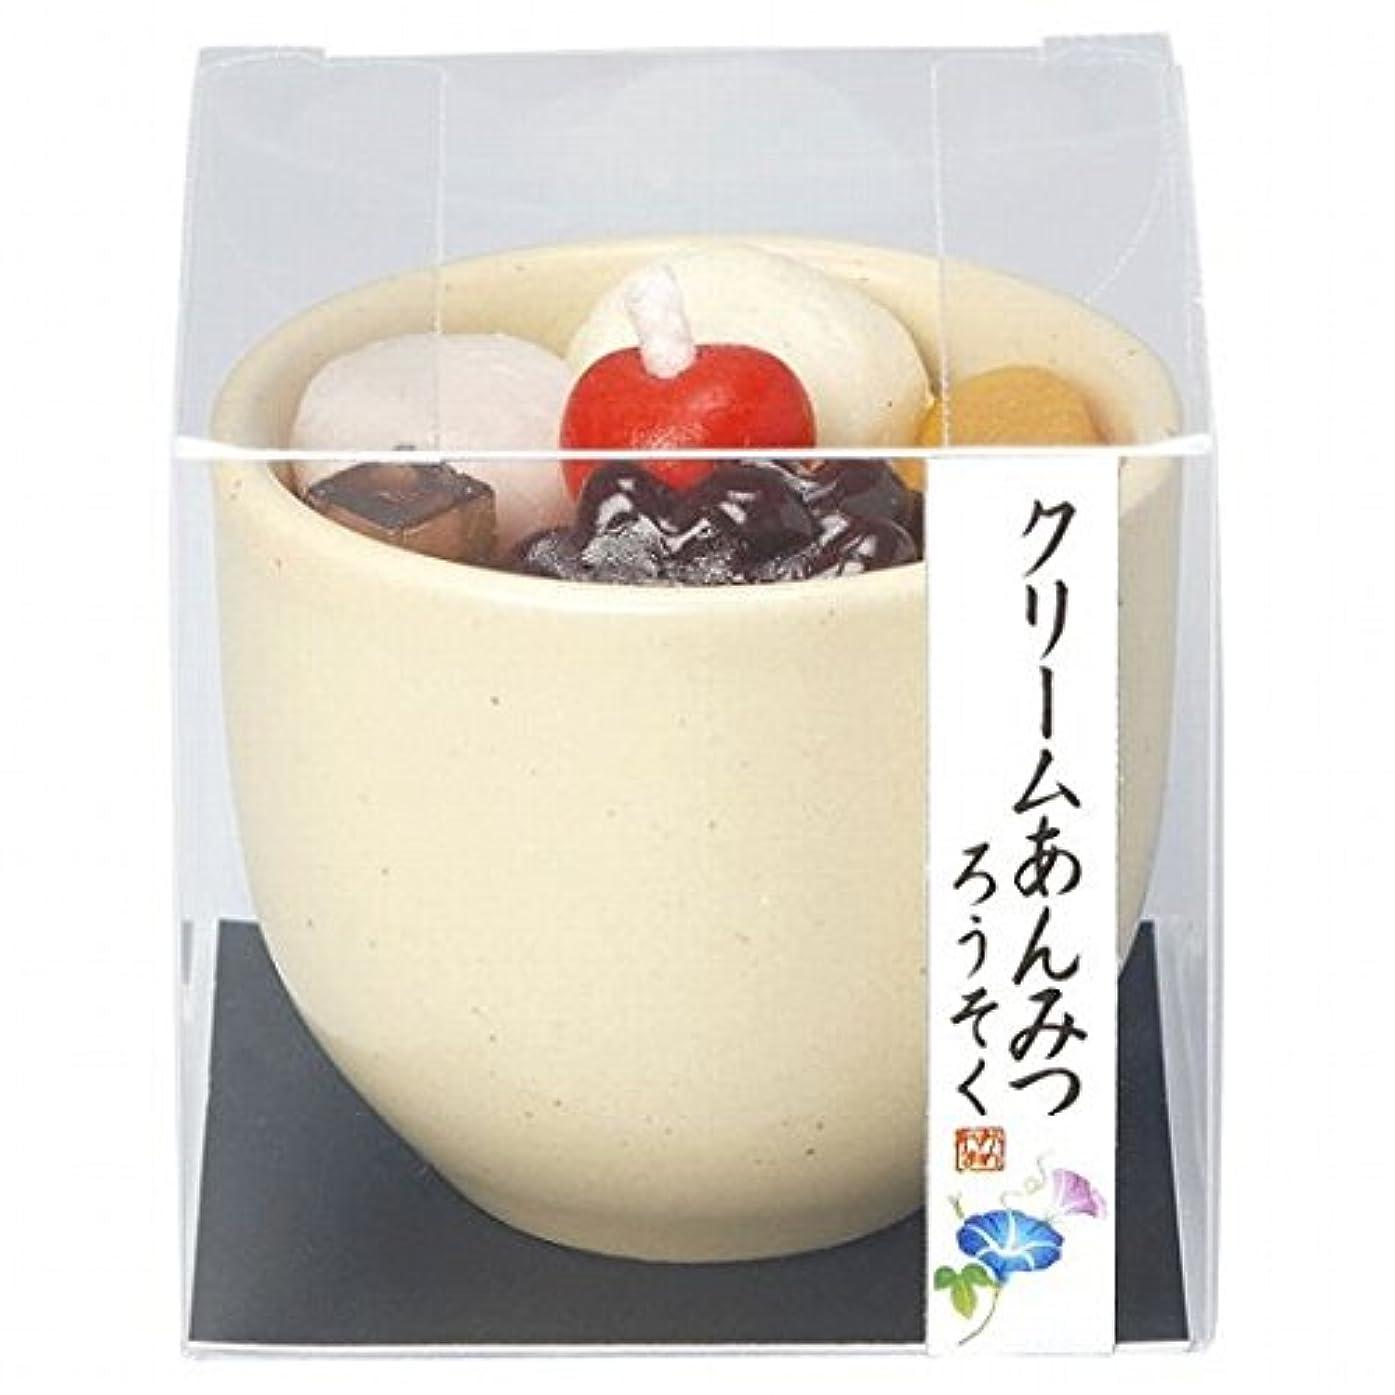 甘くするオリエンテーション雪だるまカメヤマキャンドル( kameyama candle ) クリームあんみつキャンドル